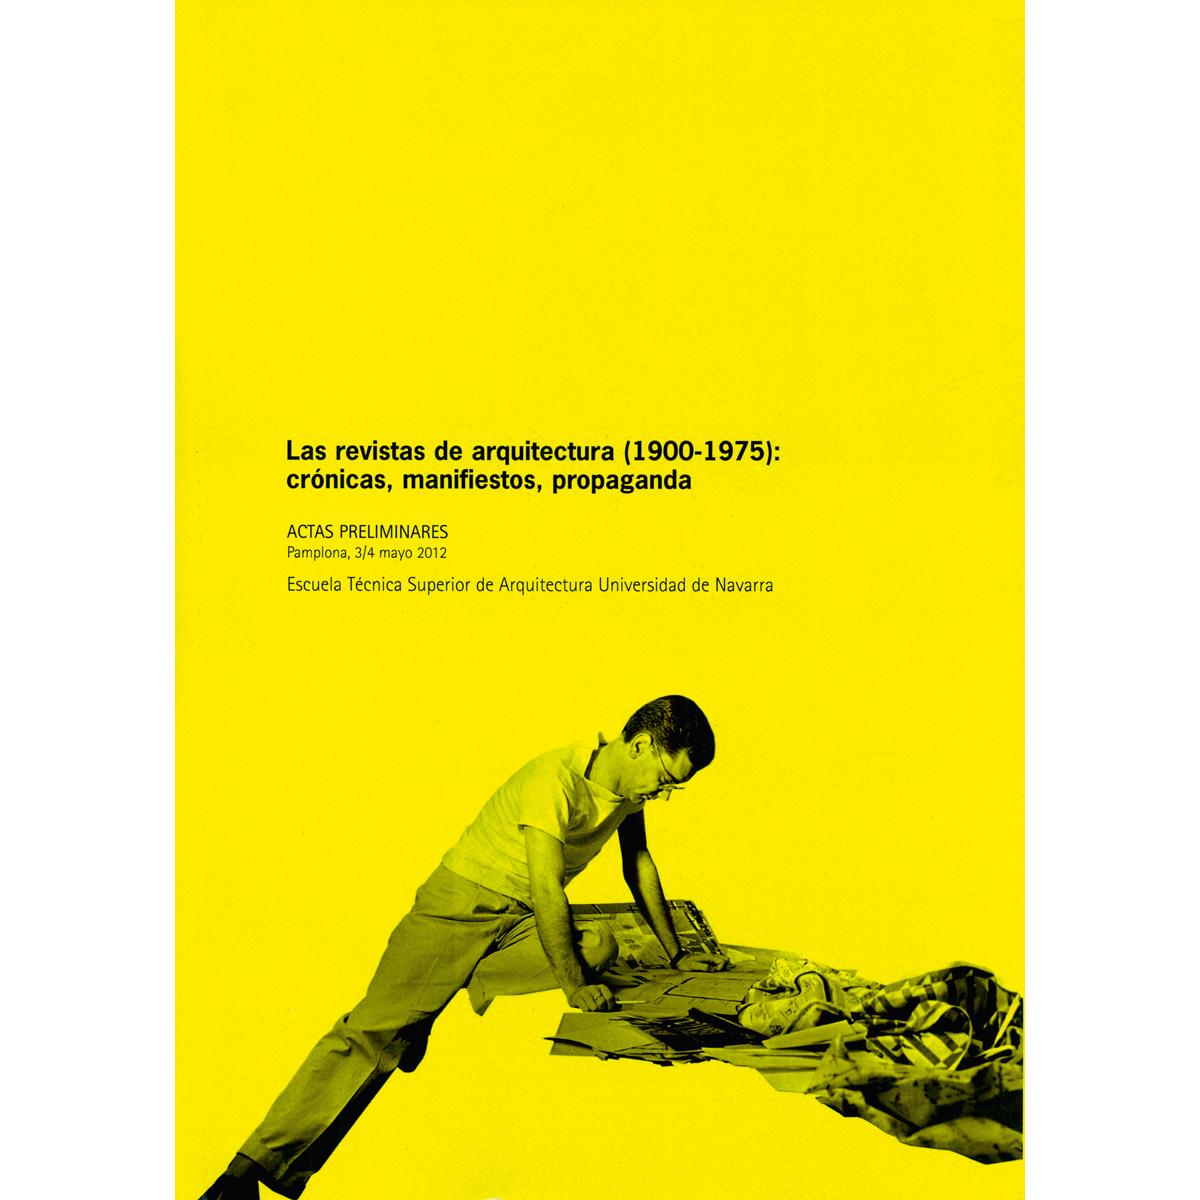 Las revistas de arquitectura (1900-1975): crónicas, manifiestos y propaganda